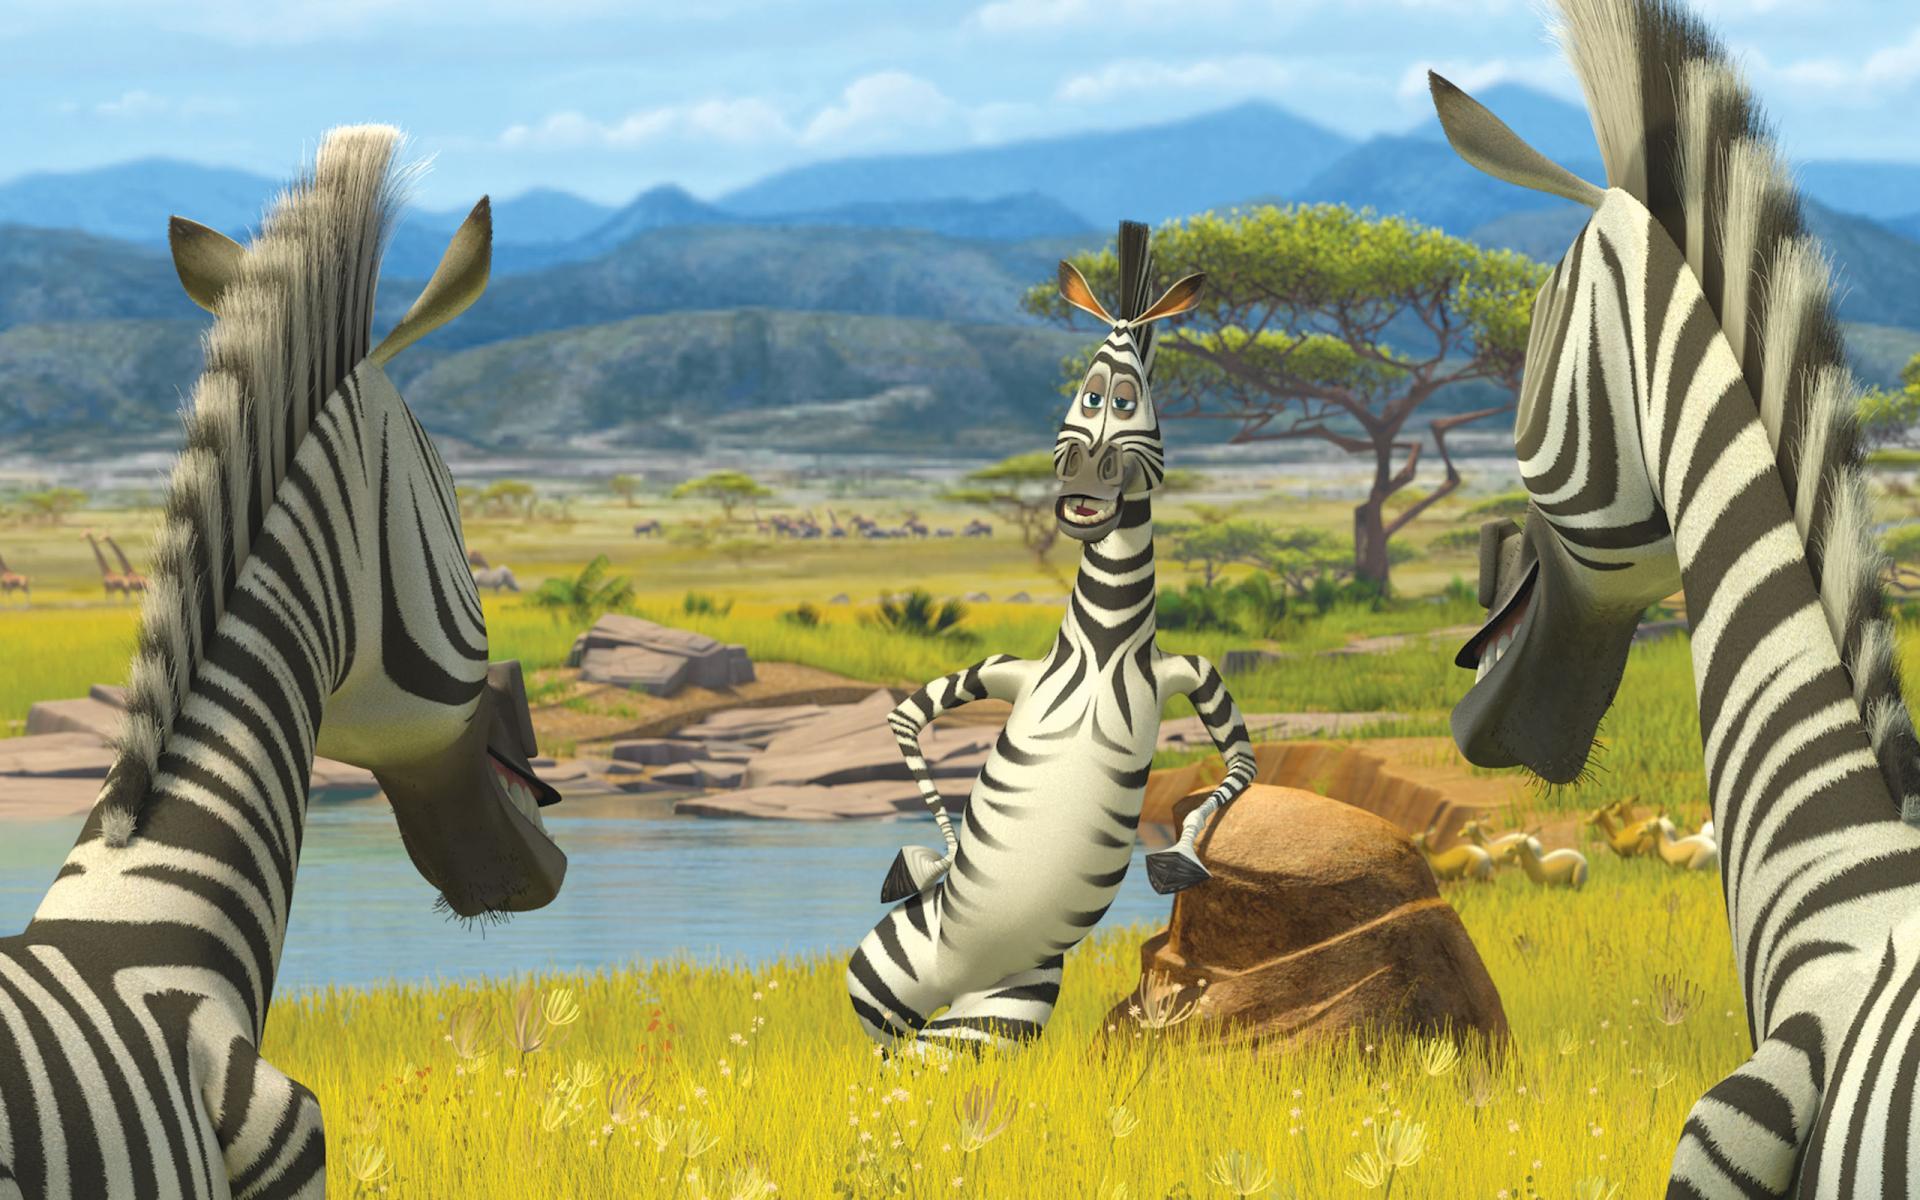 В Херсонской области строят сафари-парк «Арабатская Саванна». В нем будут жить зебры, львы и антилопы